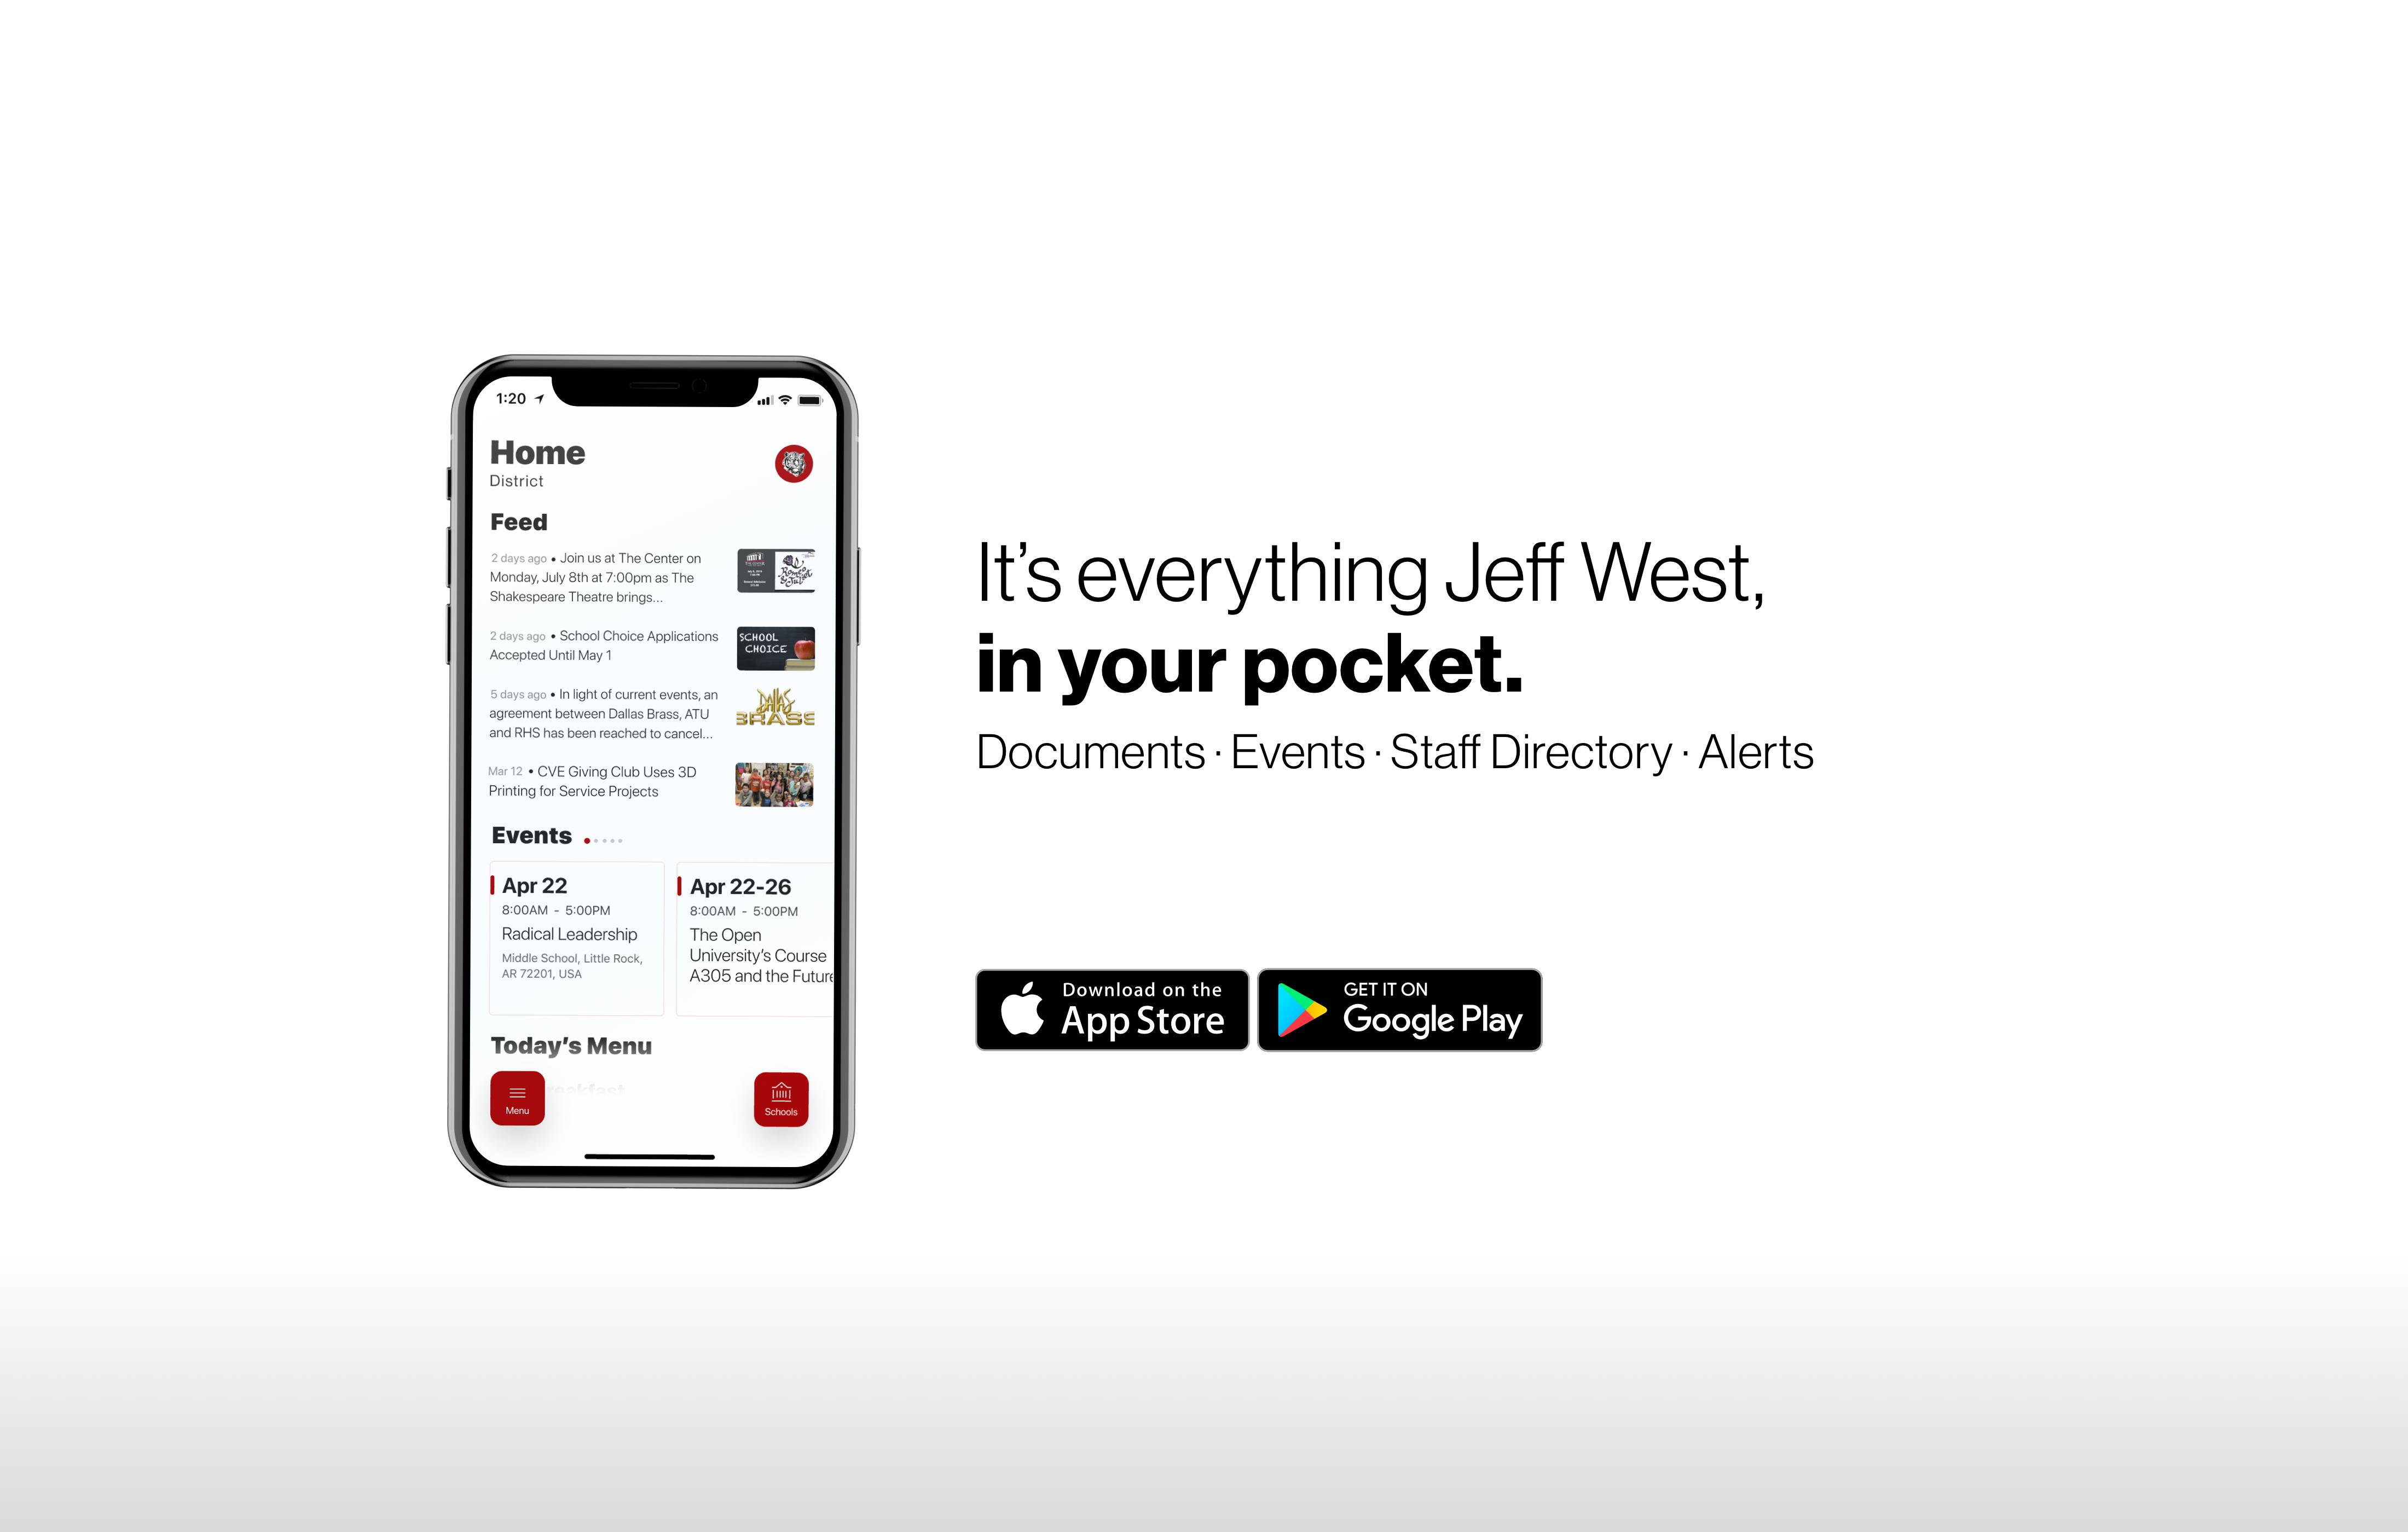 Jefferson West's new app